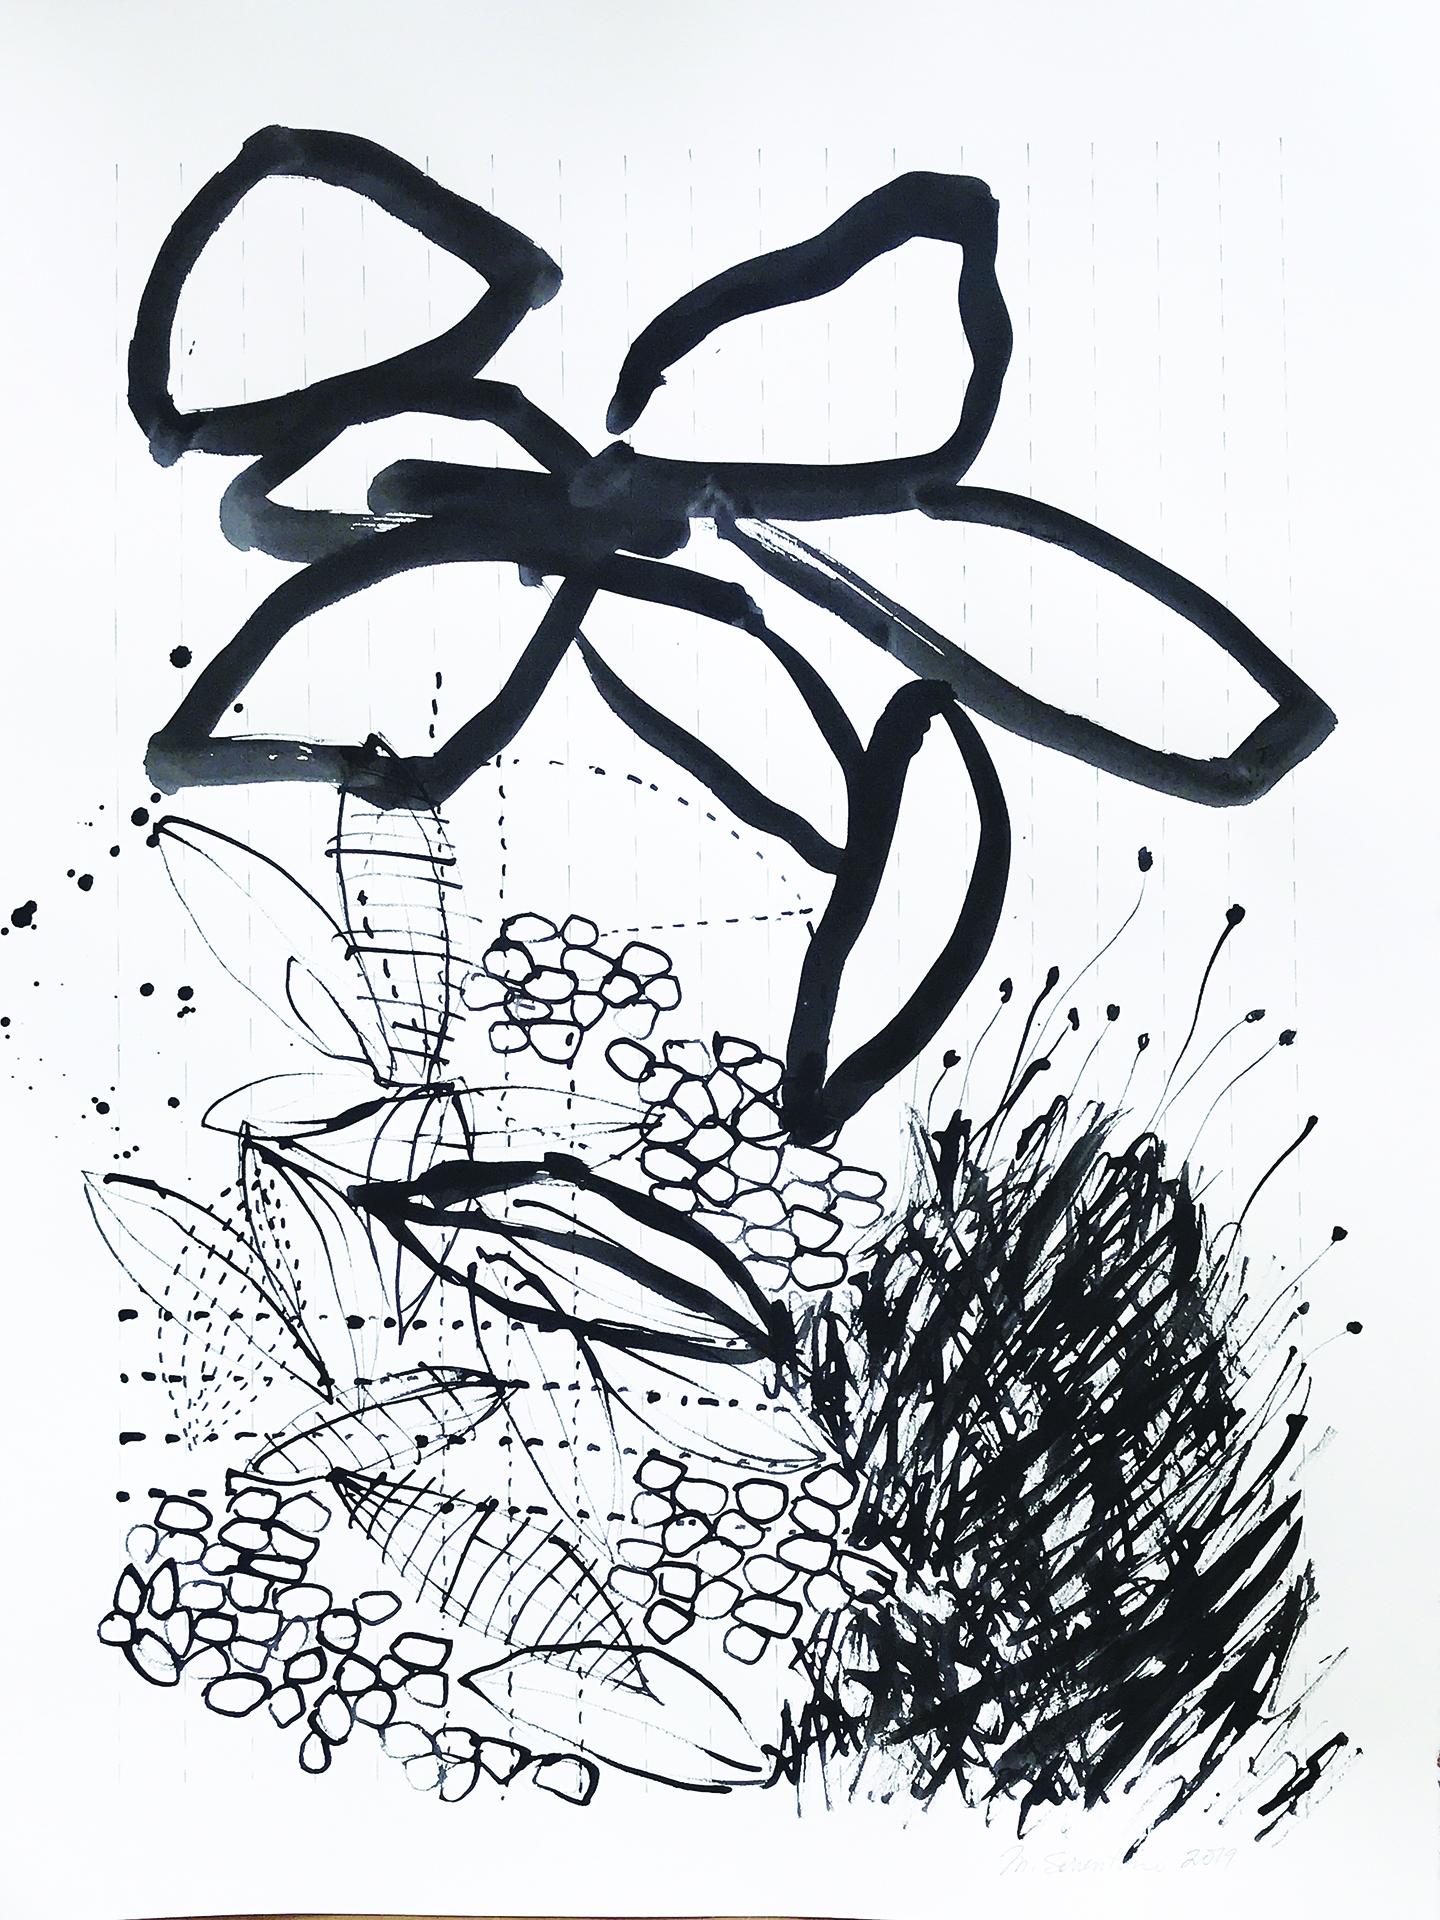 Untitled II by Michela Sorrentino